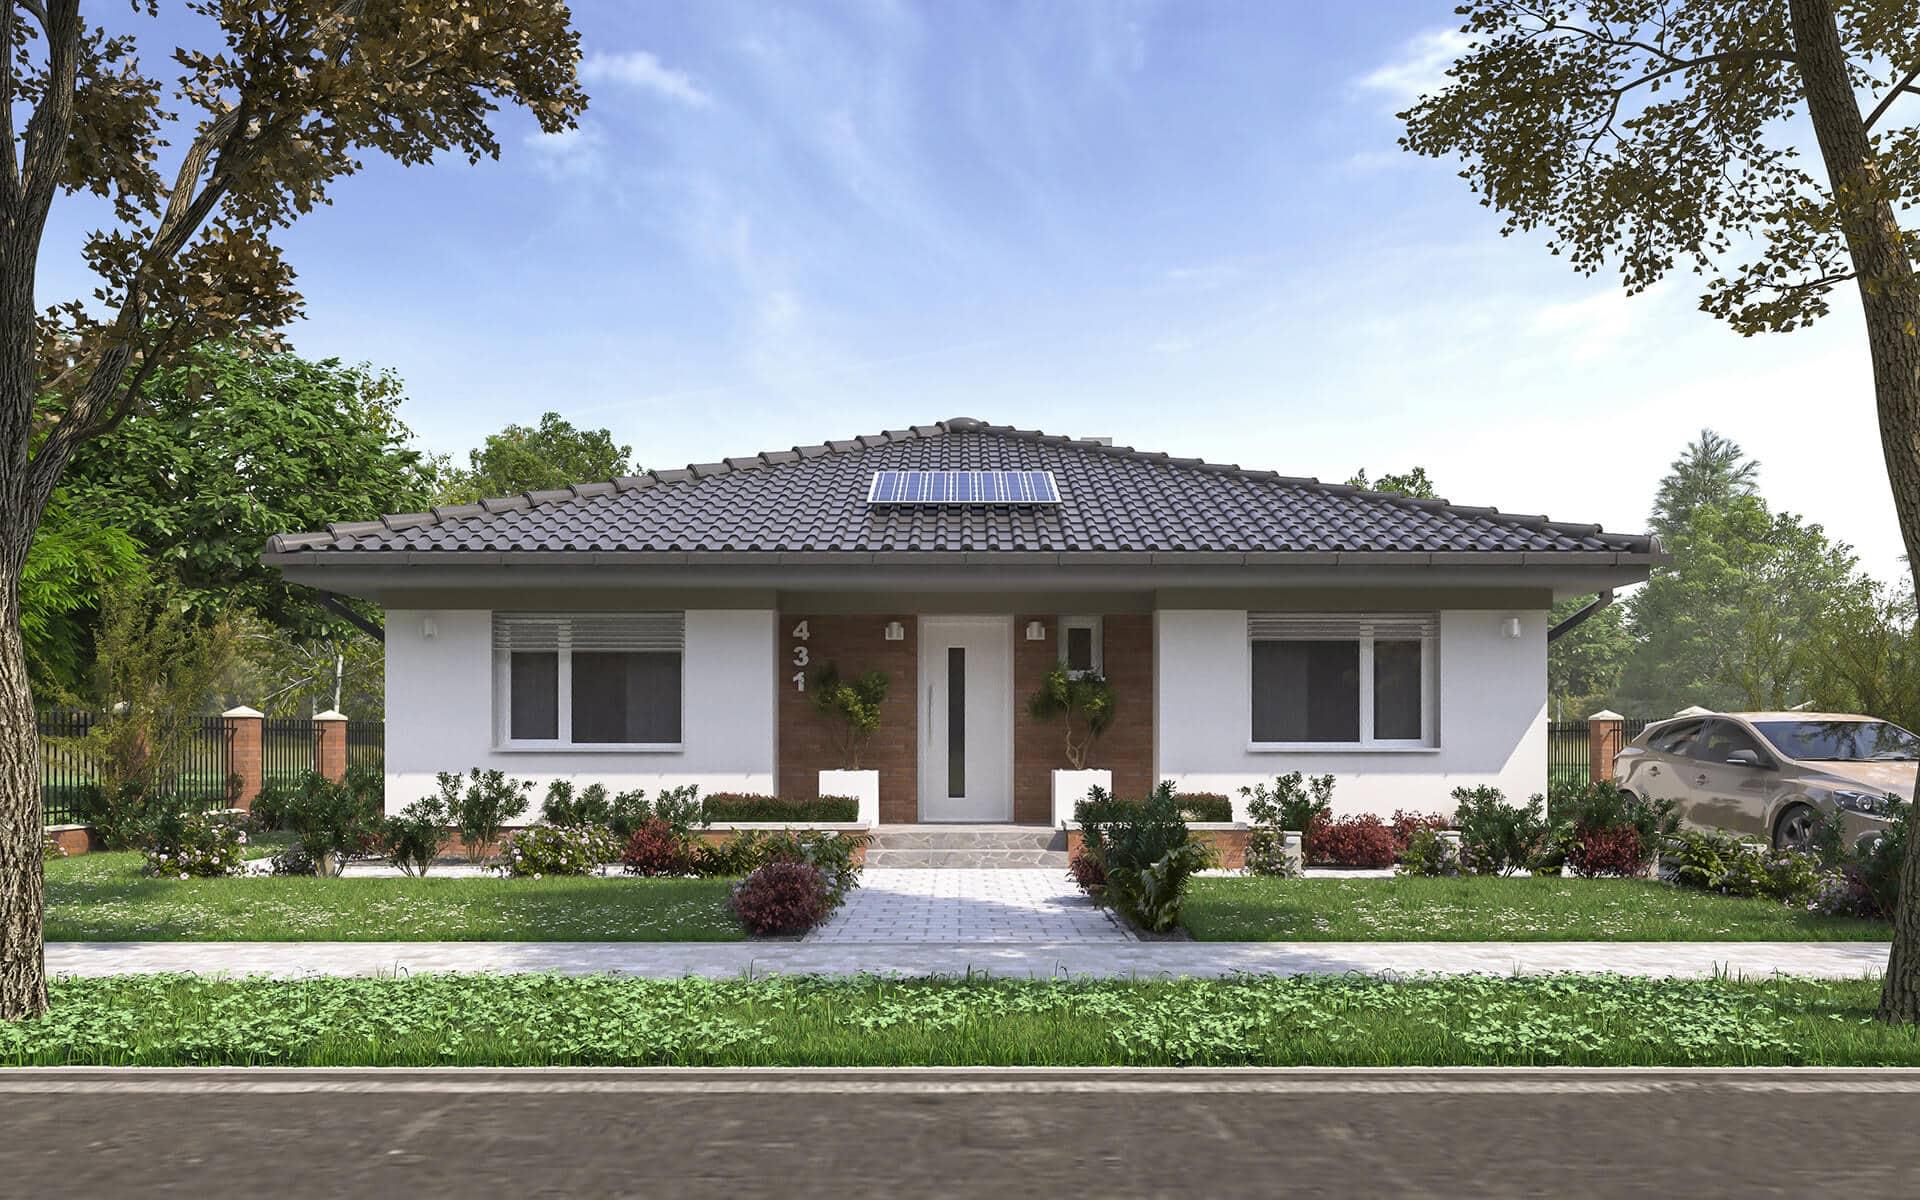 projekt 219 nizkoenergeticky dom